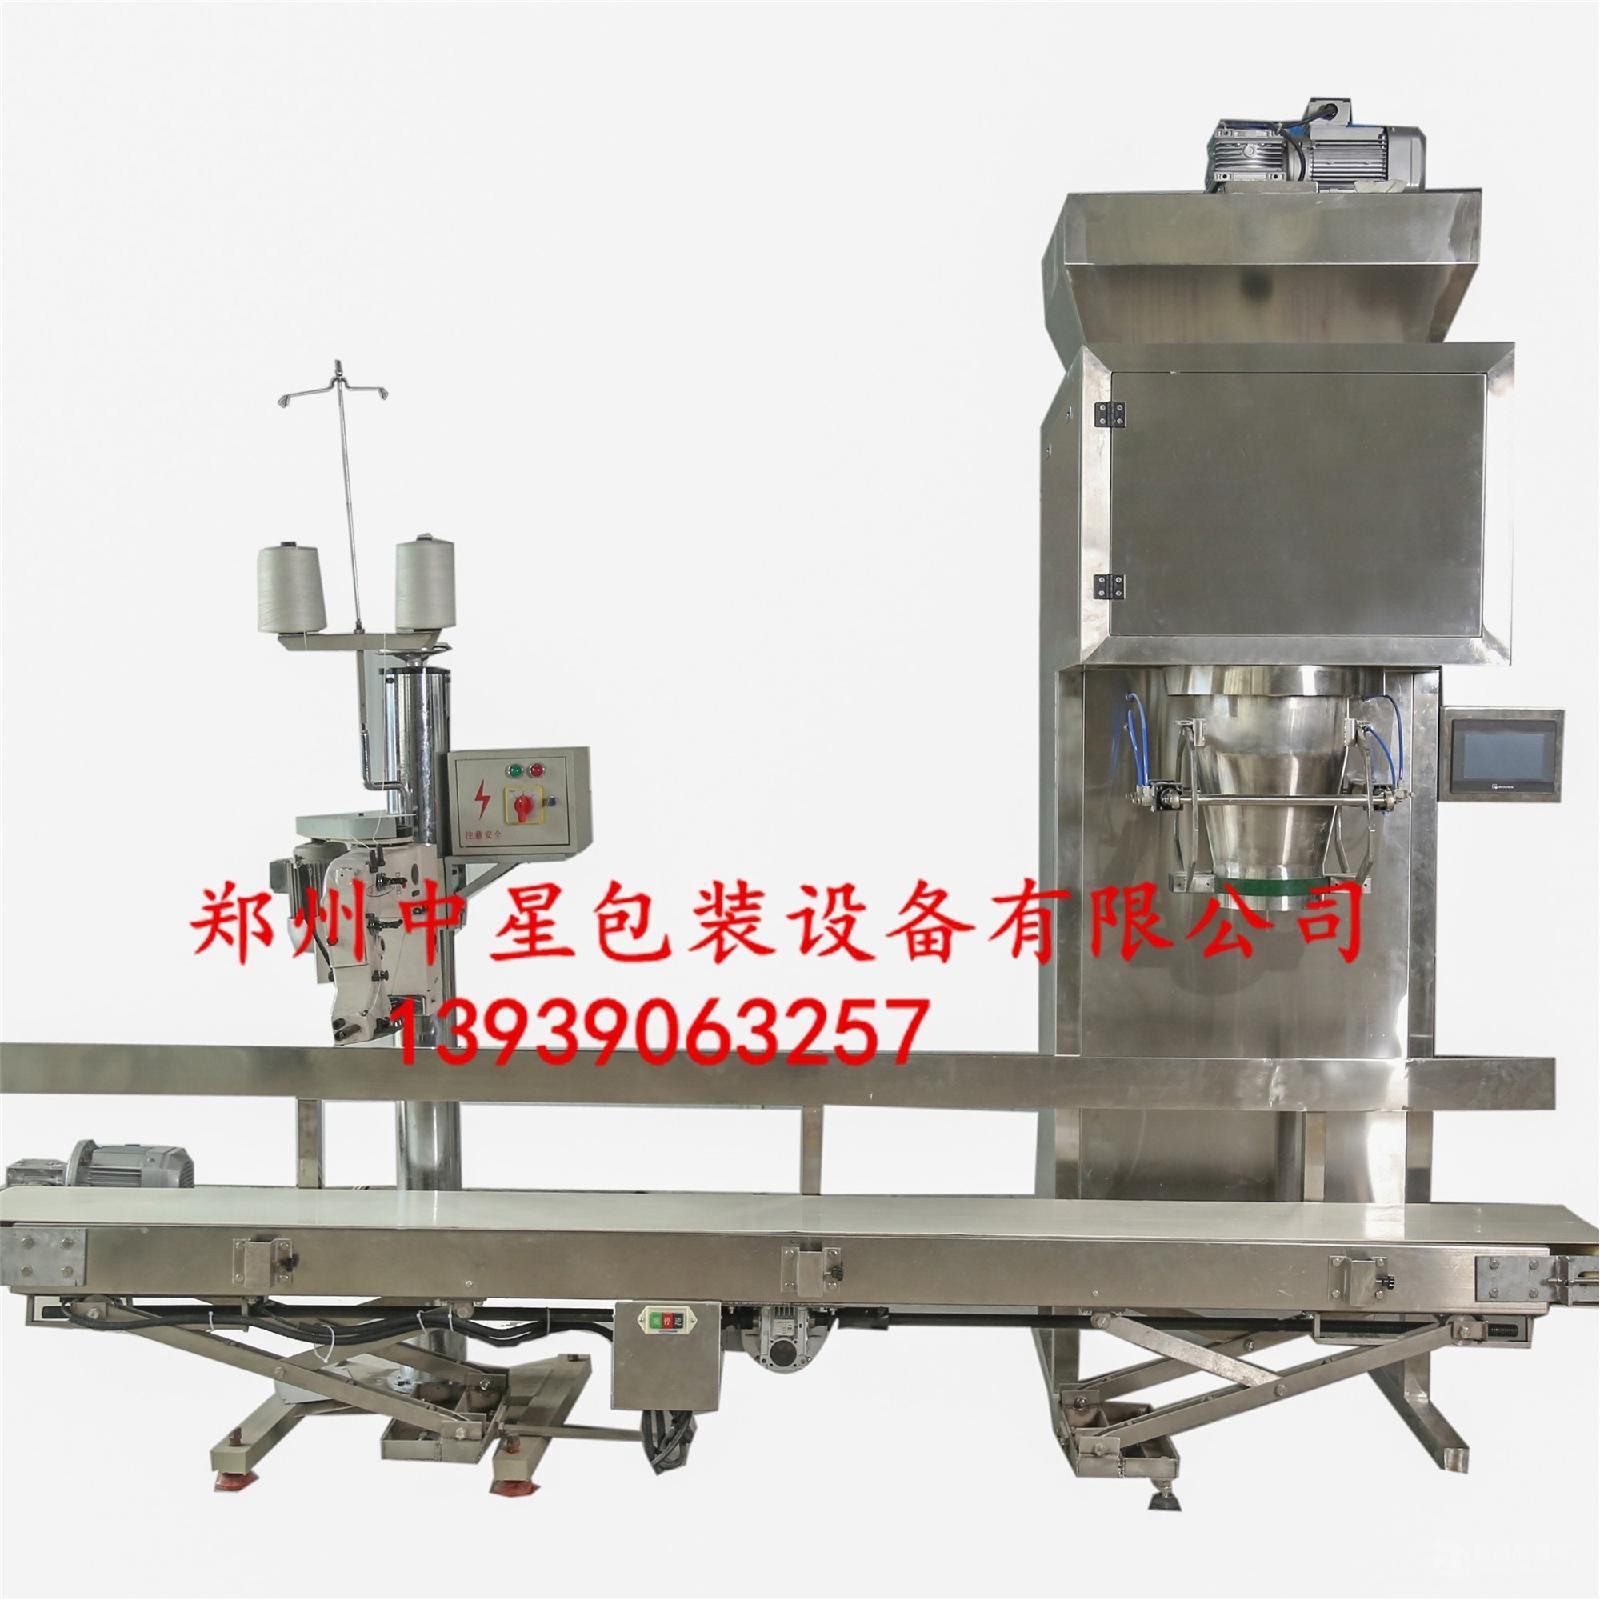 花生包装机 郑州中星优质供应 炒货包装机